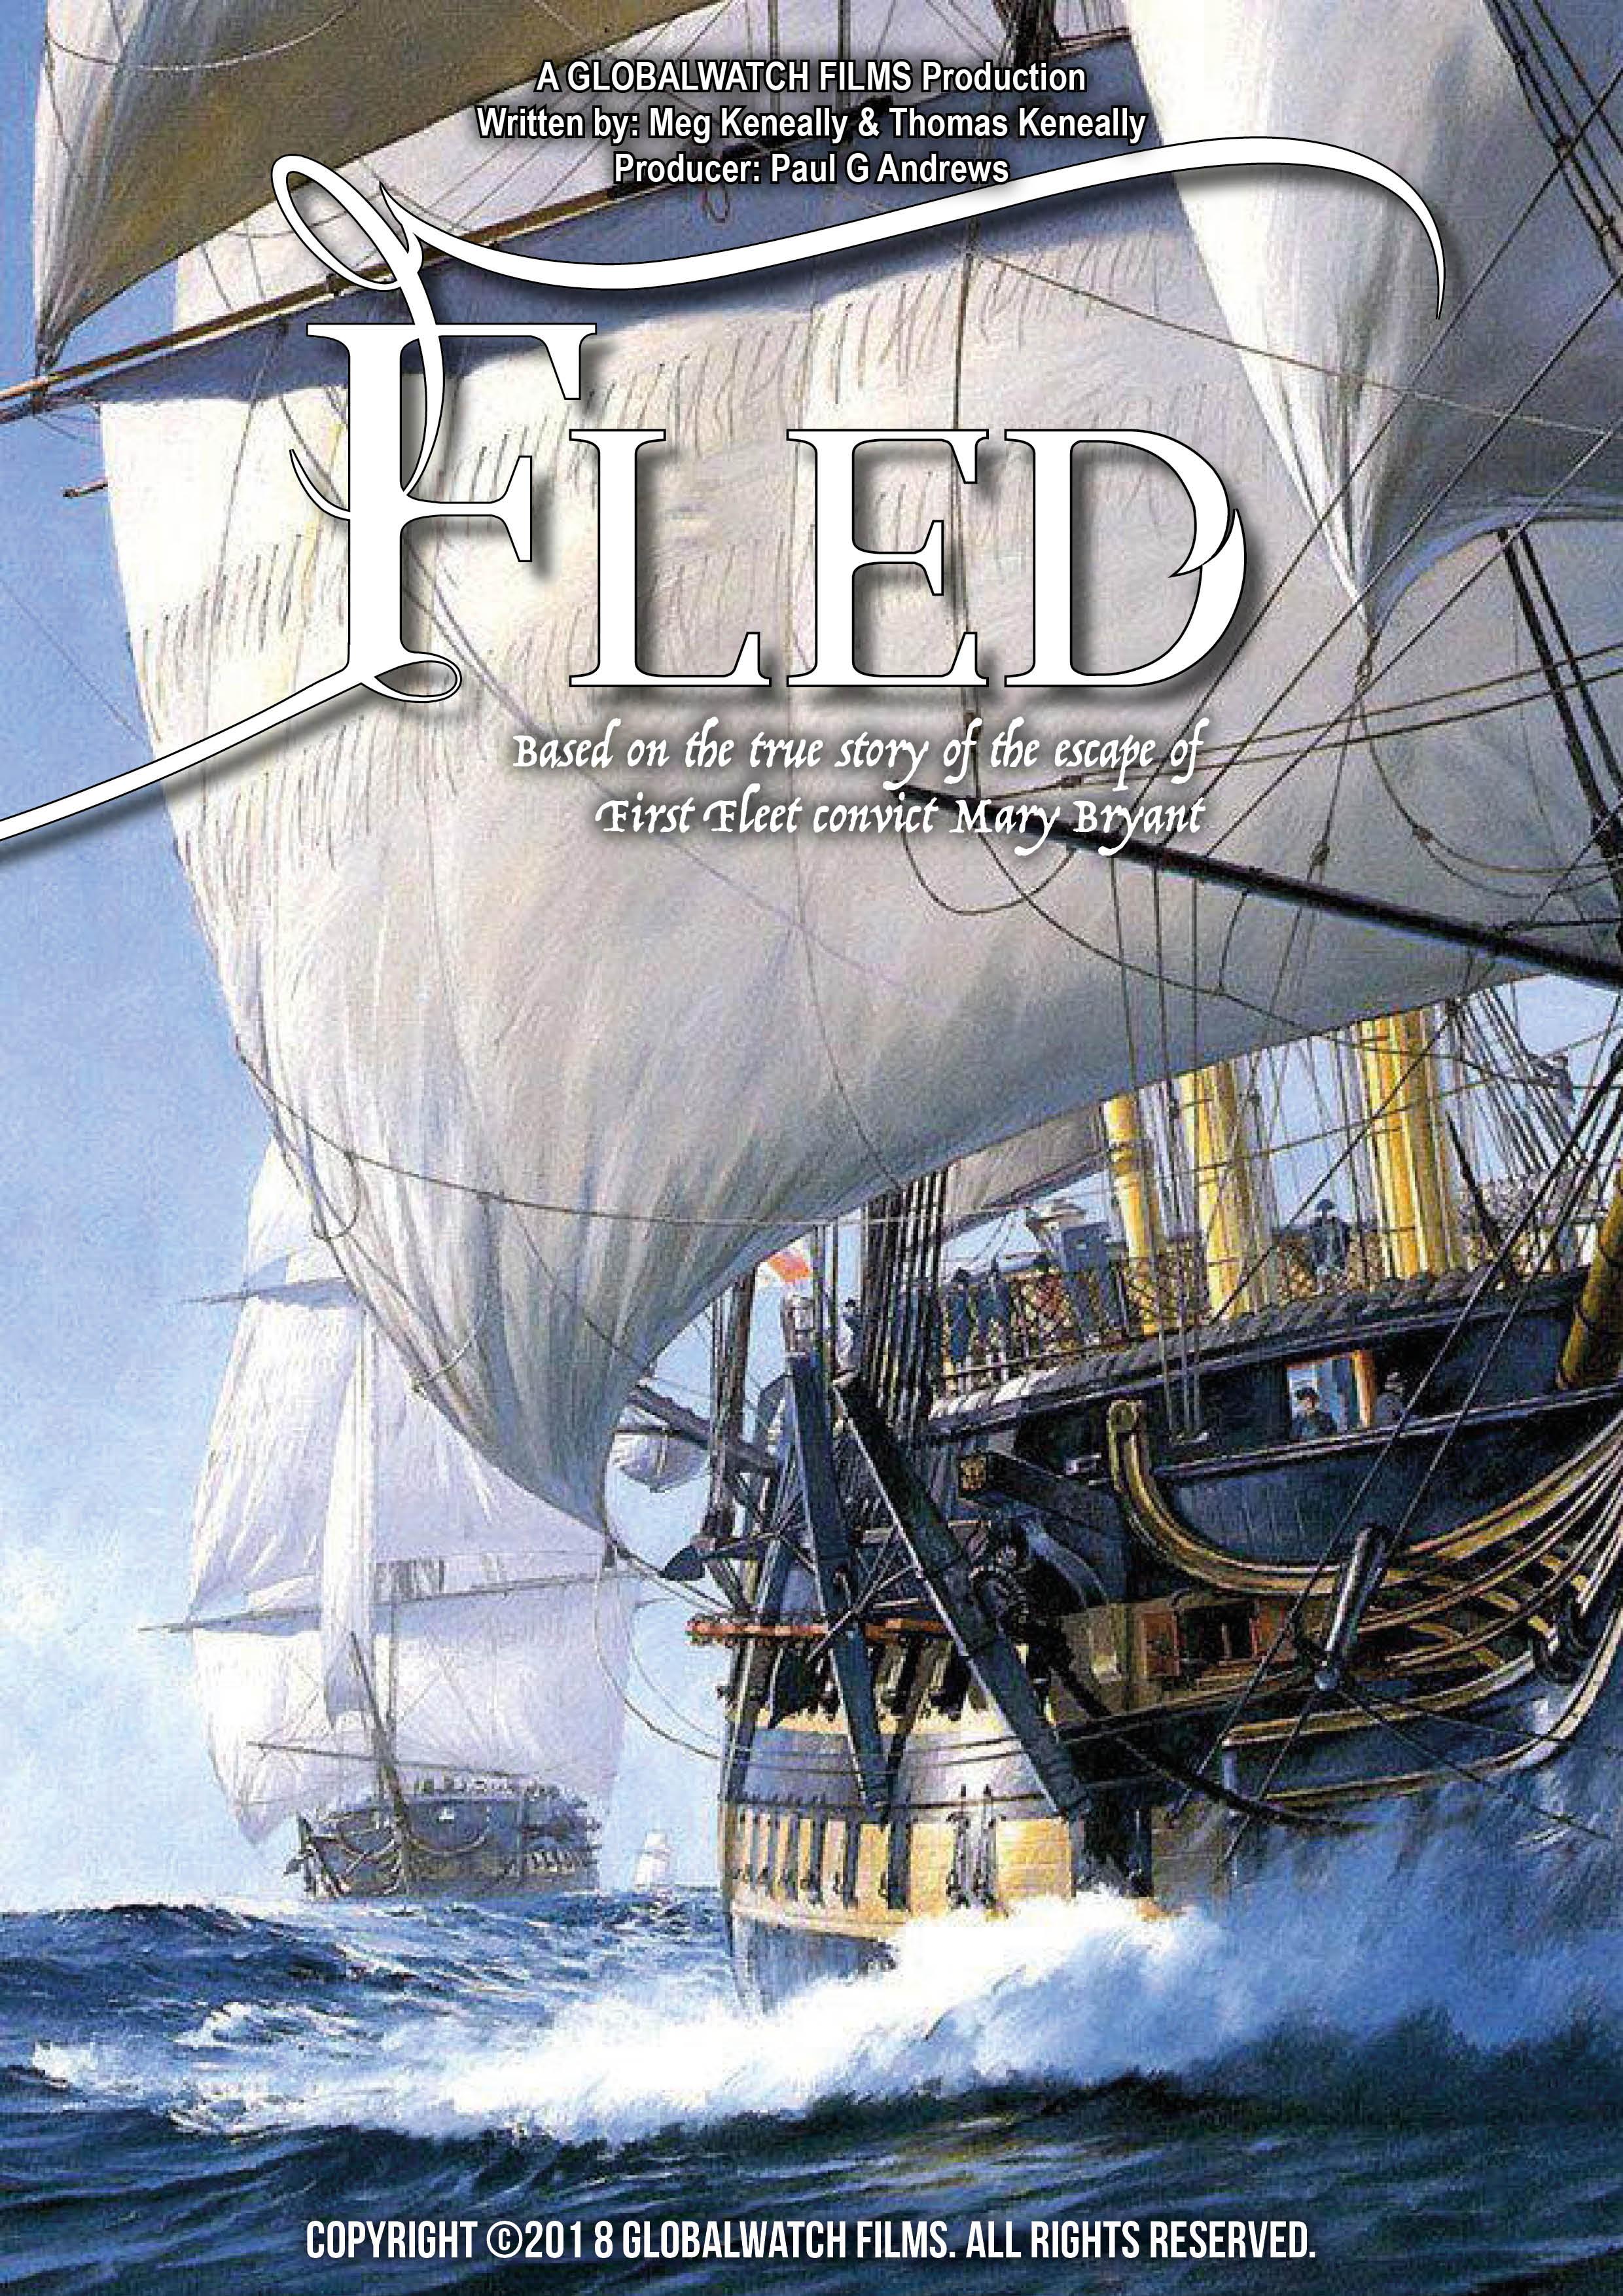 Fled - IMDb